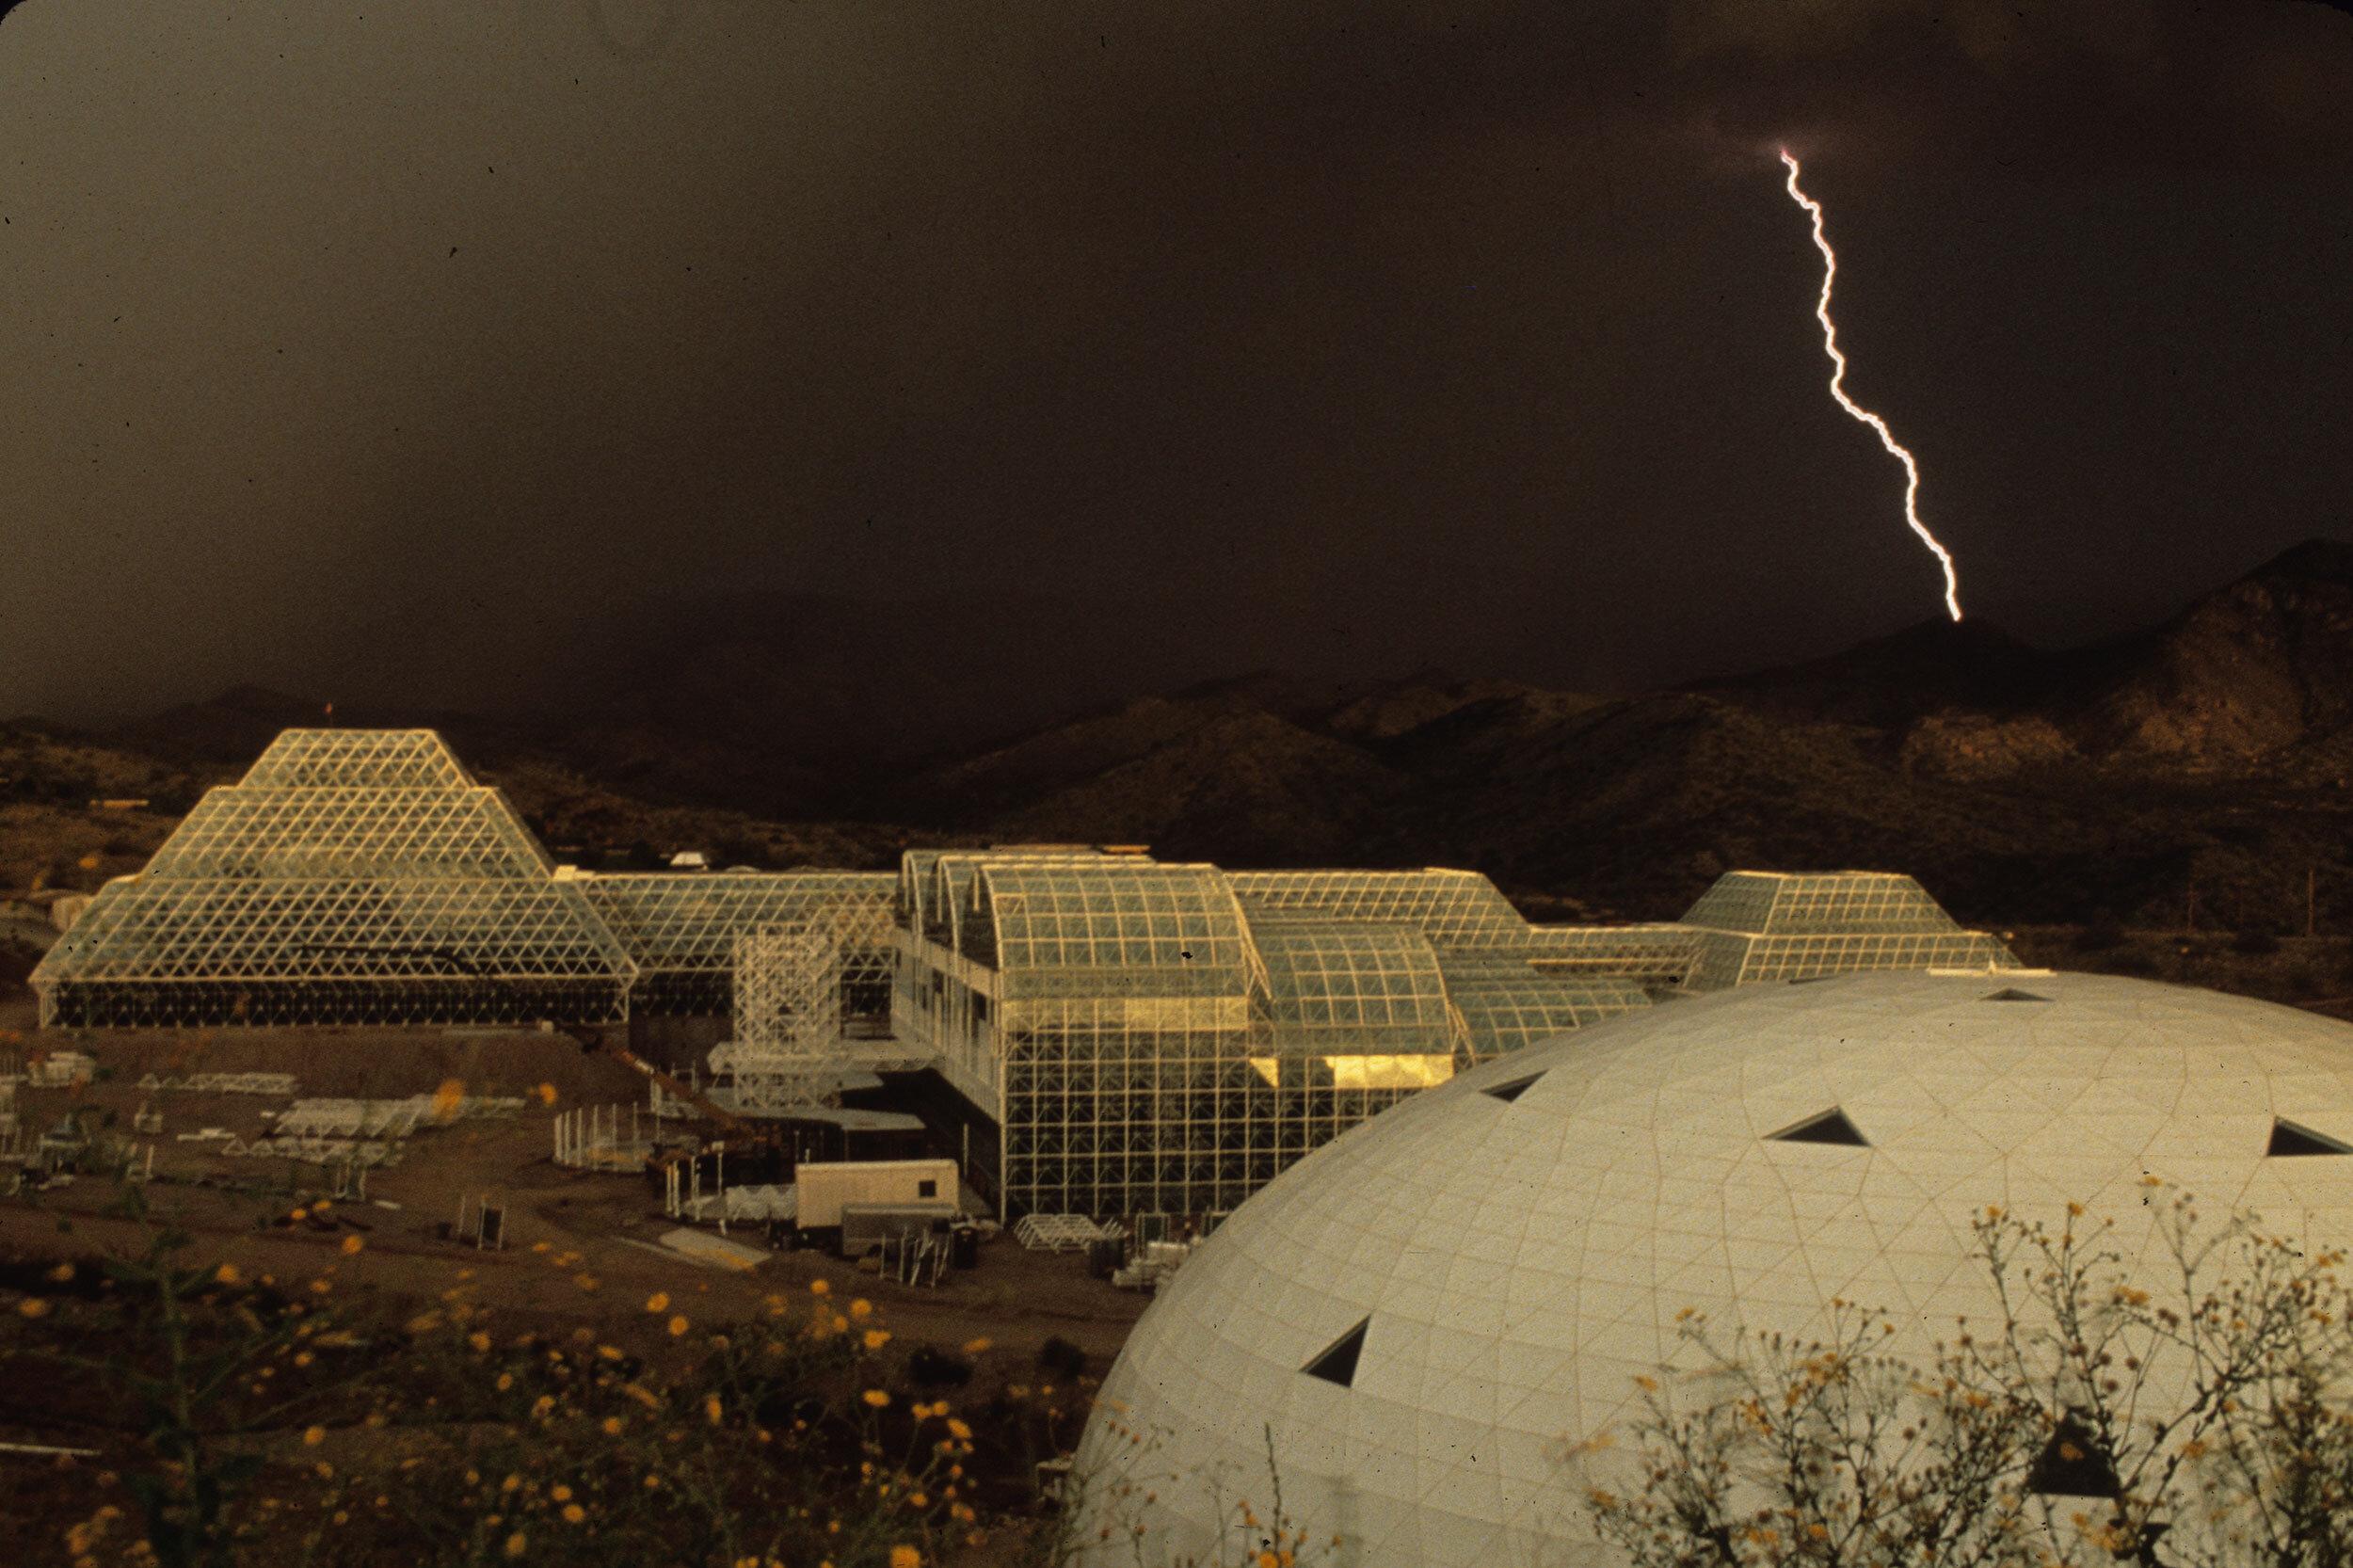 Lightning storm over Biosphere 2